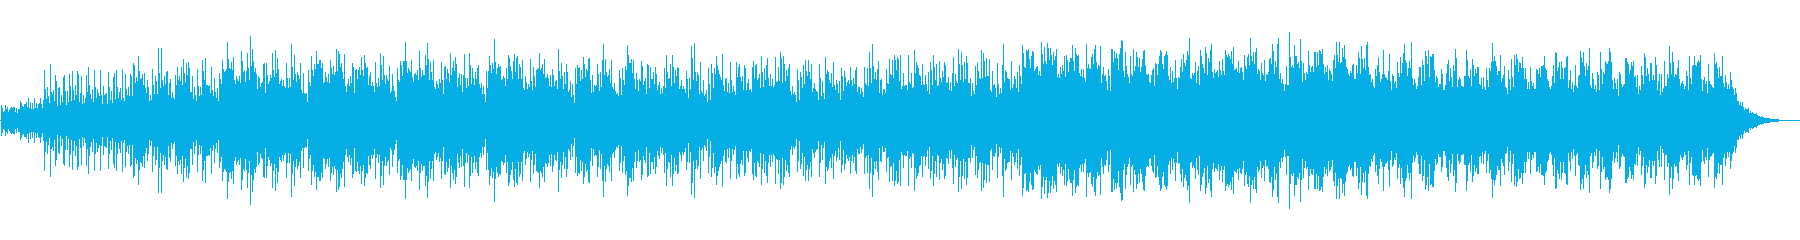 ゆったりと海で漂うイメージのサウンドの再生済みの波形